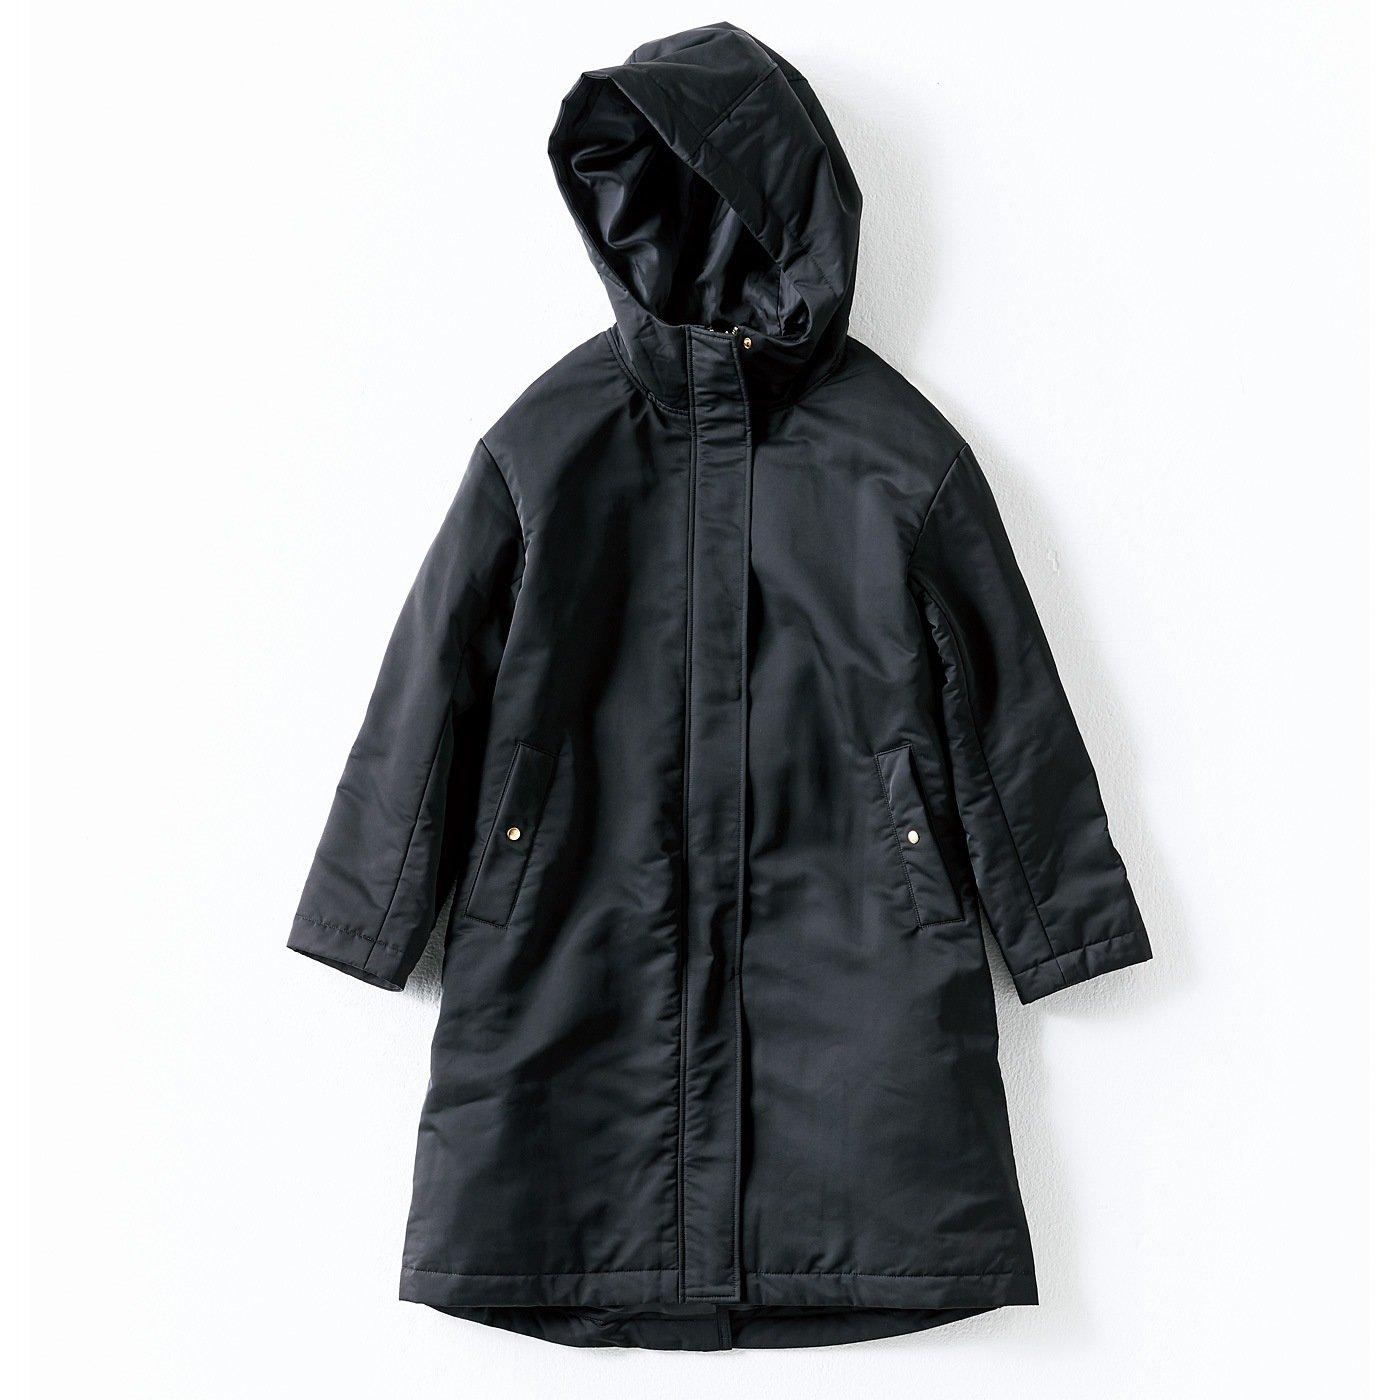 【3~10日でお届け】IEDIT THIN DOWNで軽やか暖か ポケットたくさん! 手ぶらで出かけられるイージーロングコート〈ブラック〉